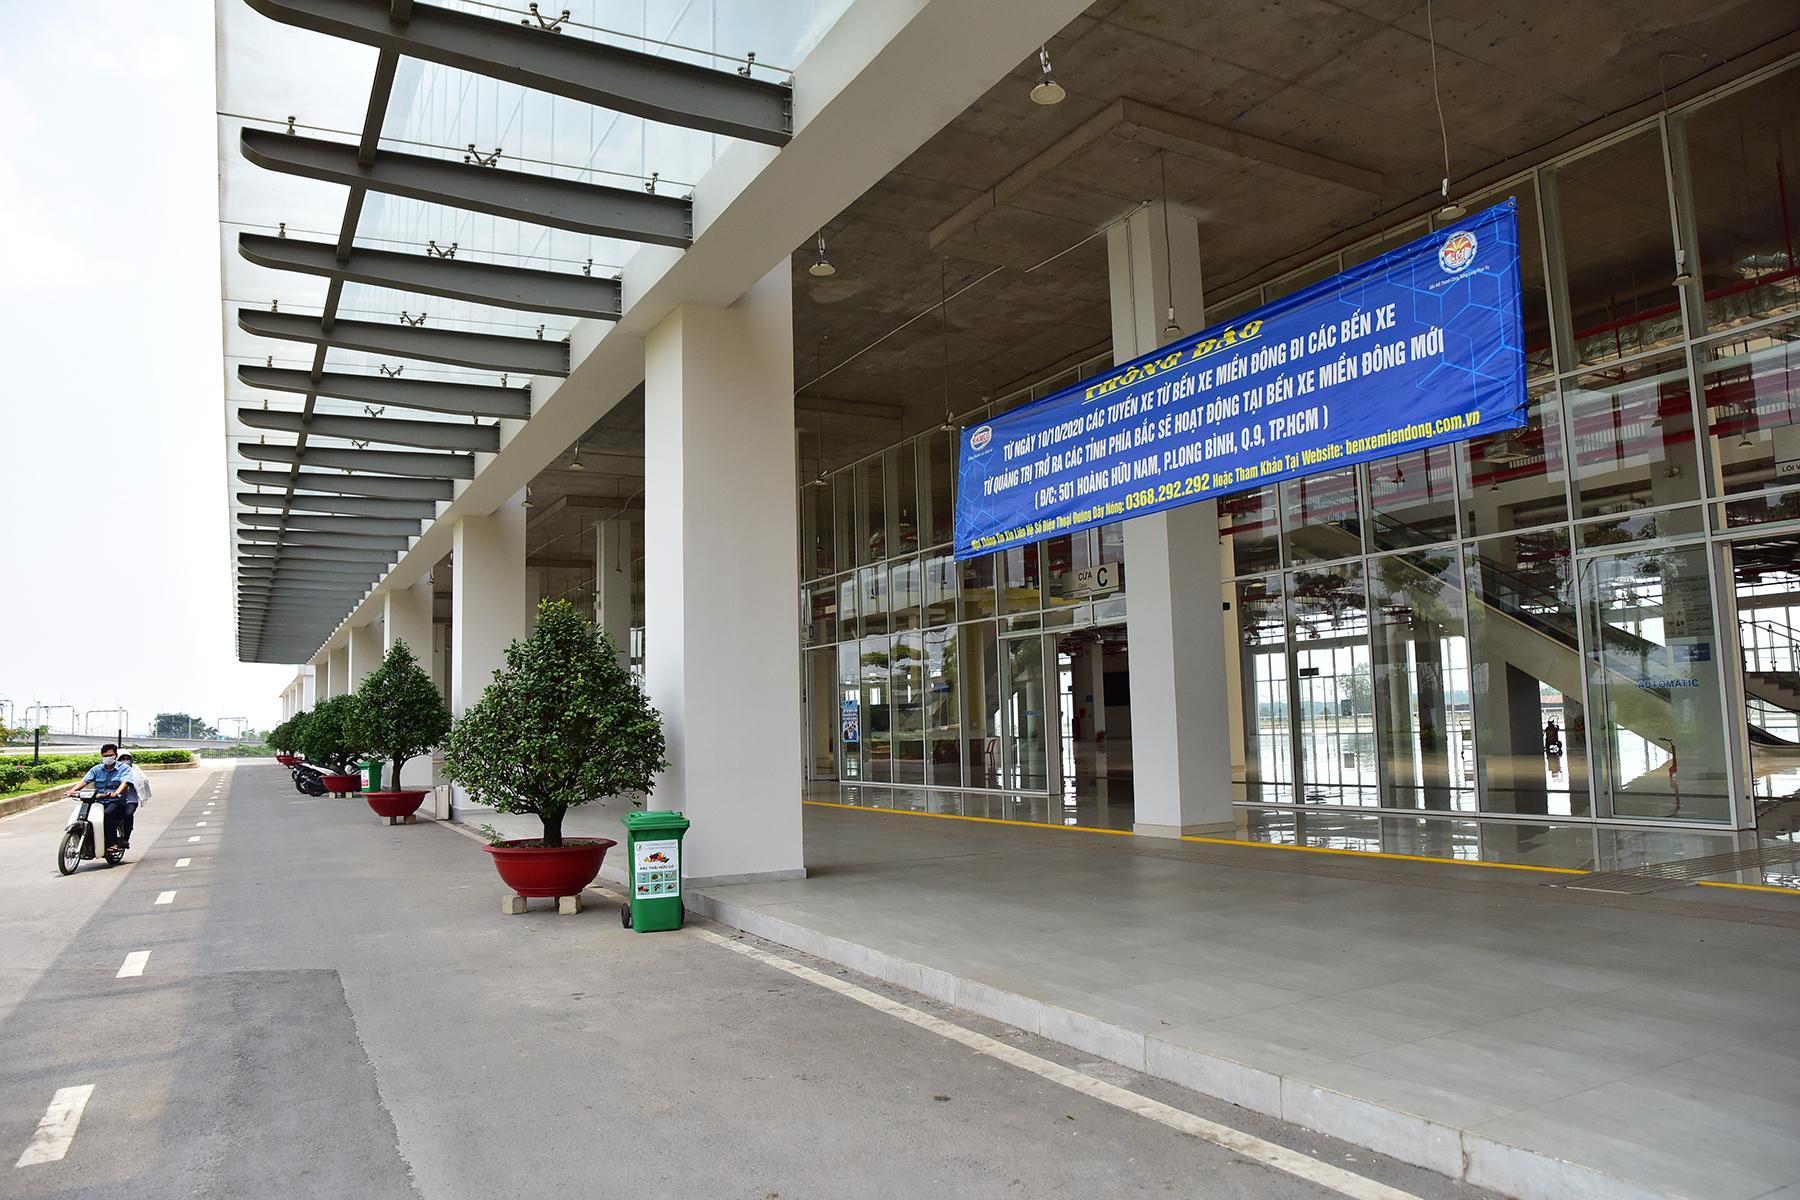 Canh diu hiu tai ben xe lon nhat nuoc o Sai Gon 2 1617300161 20 width1800height1200 Cảnh đìu hiu tại bến xe lớn nhất Việt Nam